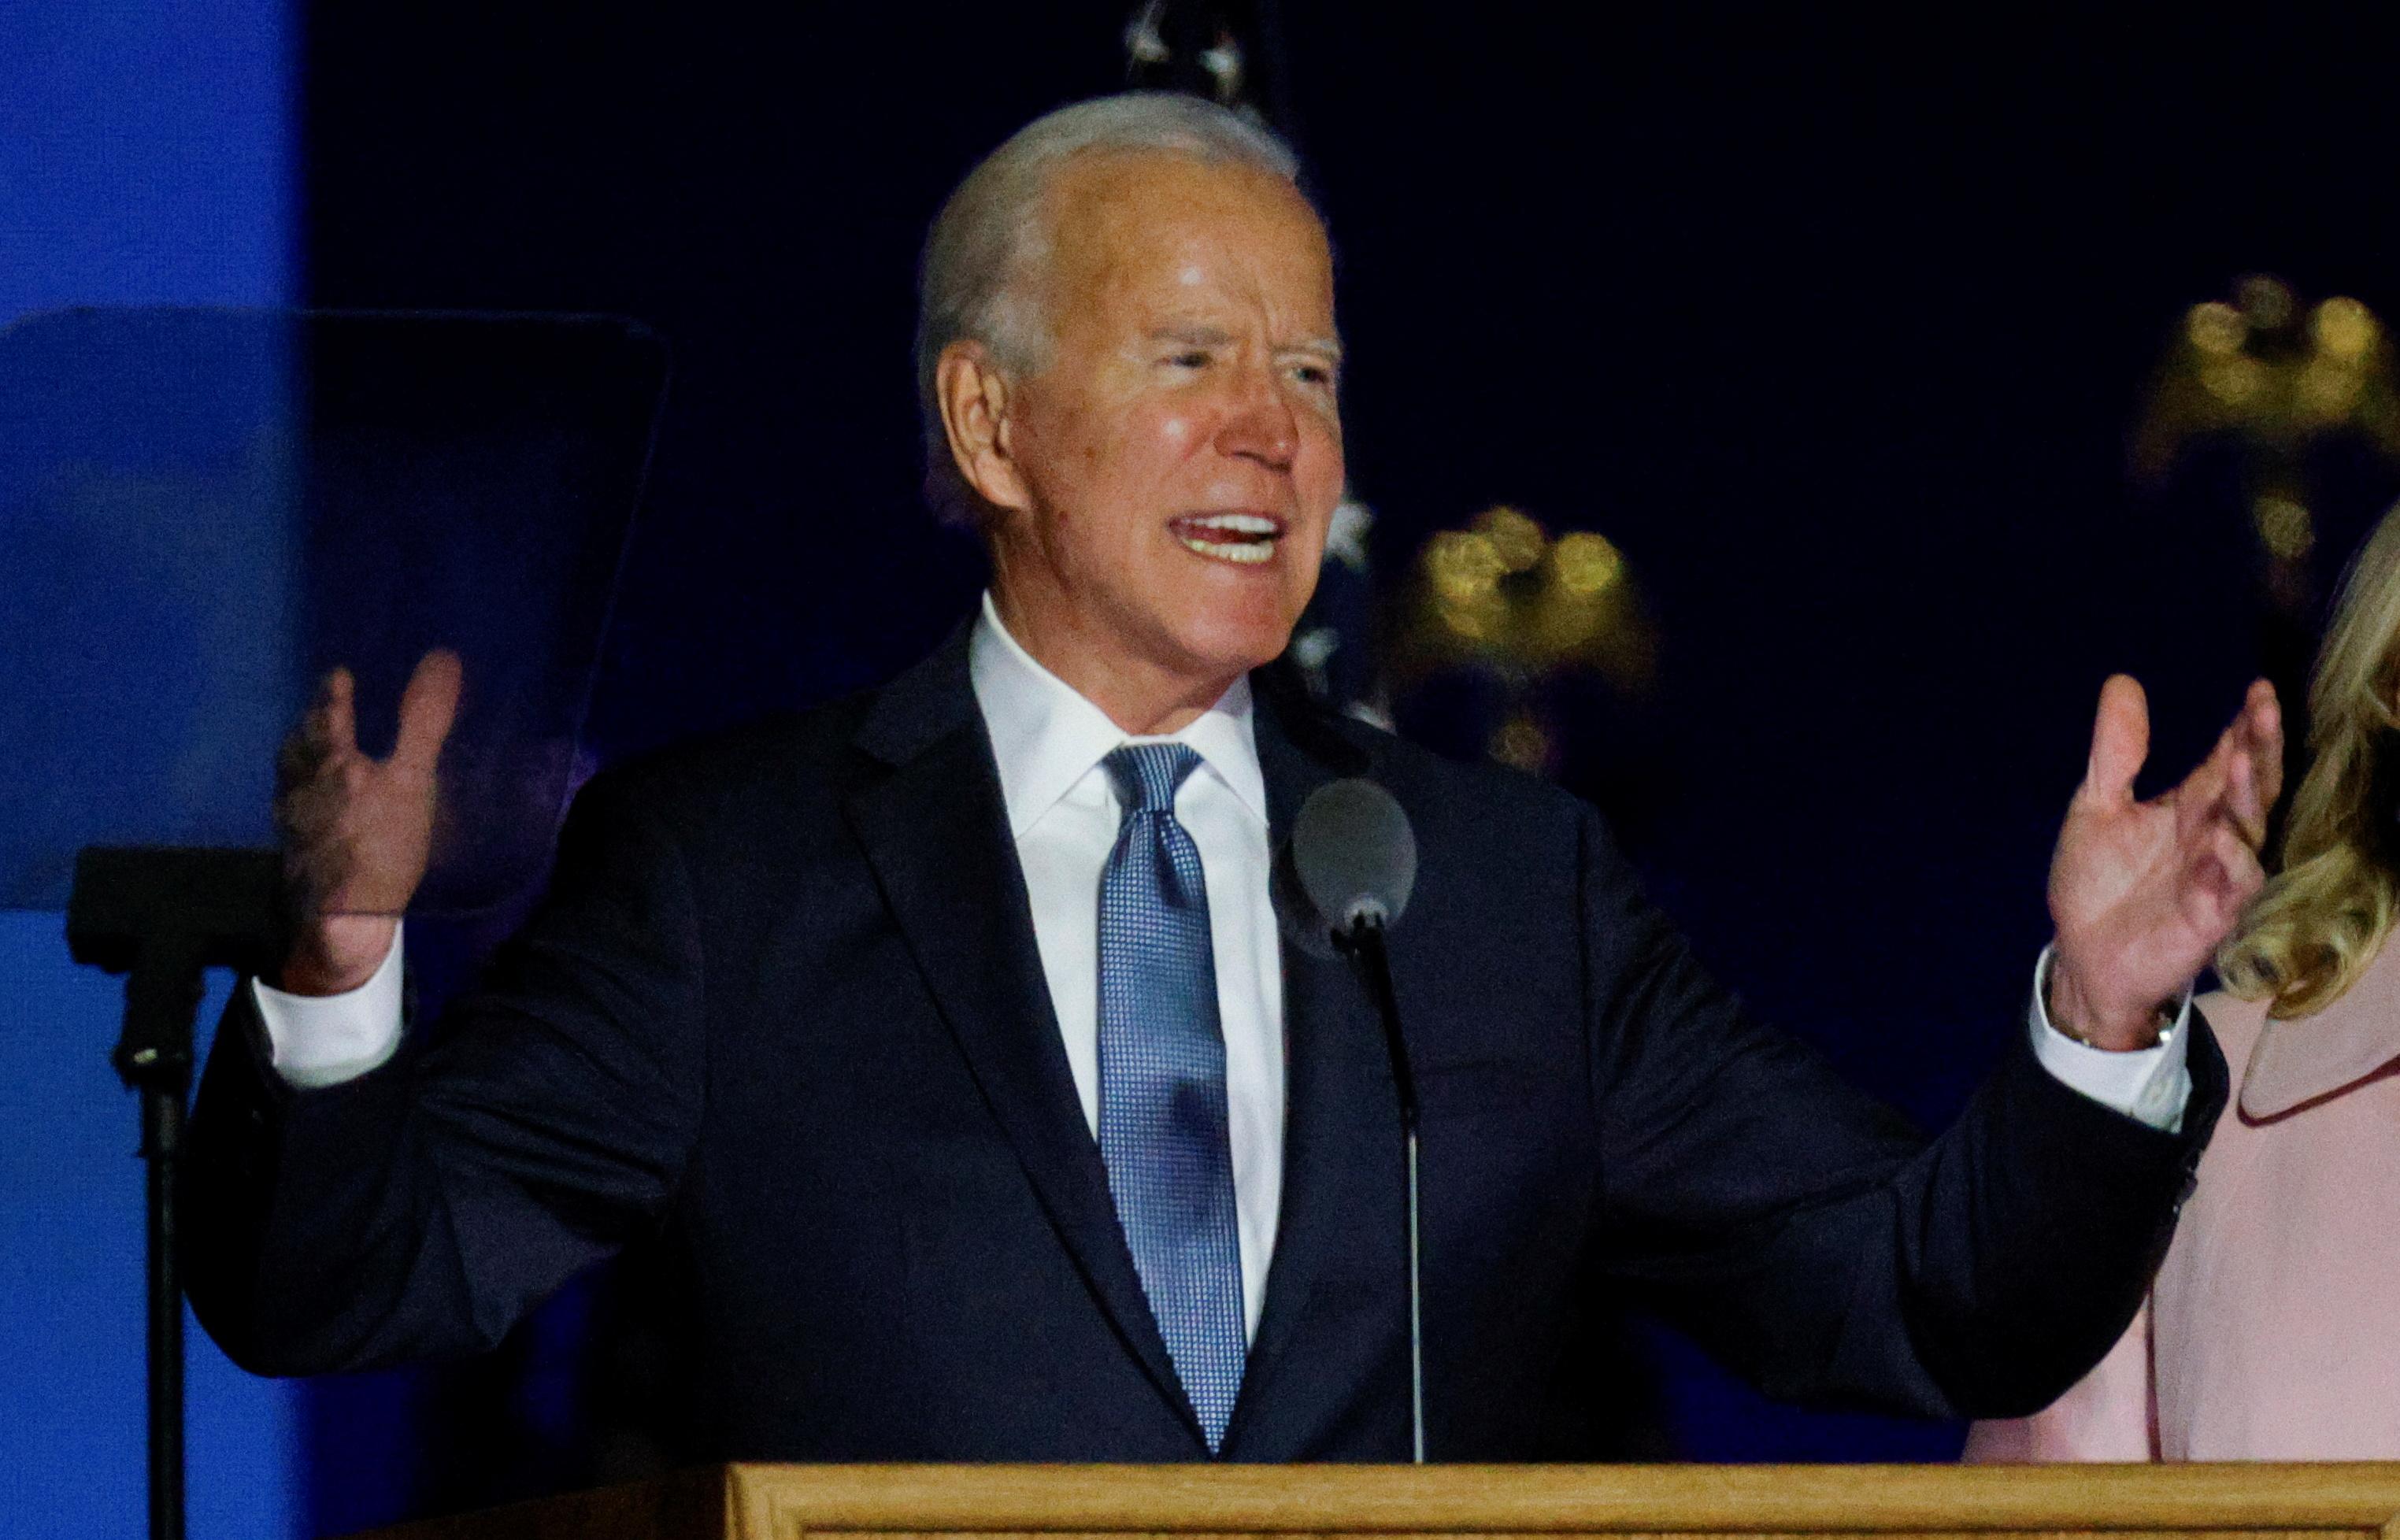 Biden crédité de 224 grands électeurs contre 213 pour Trump - Edison Research